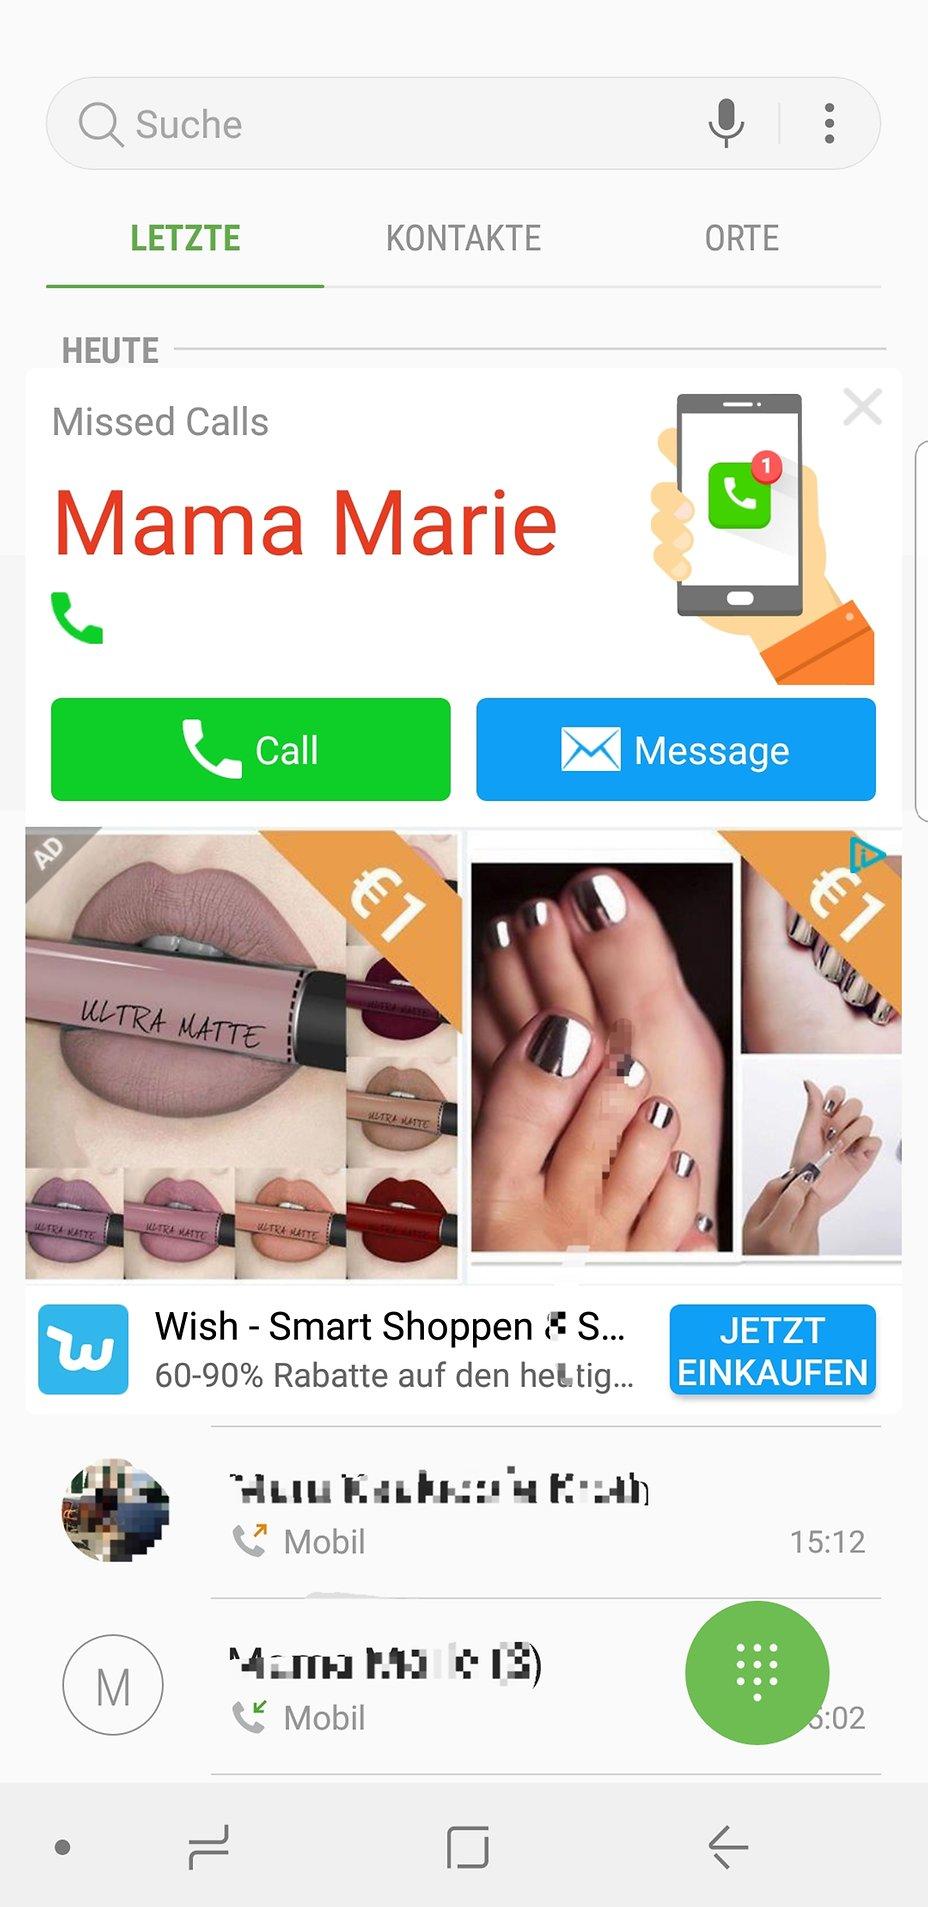 Samsung Galaxy S7 Edge Pop Up Werbung Auf Dem Haupt Bildschirm